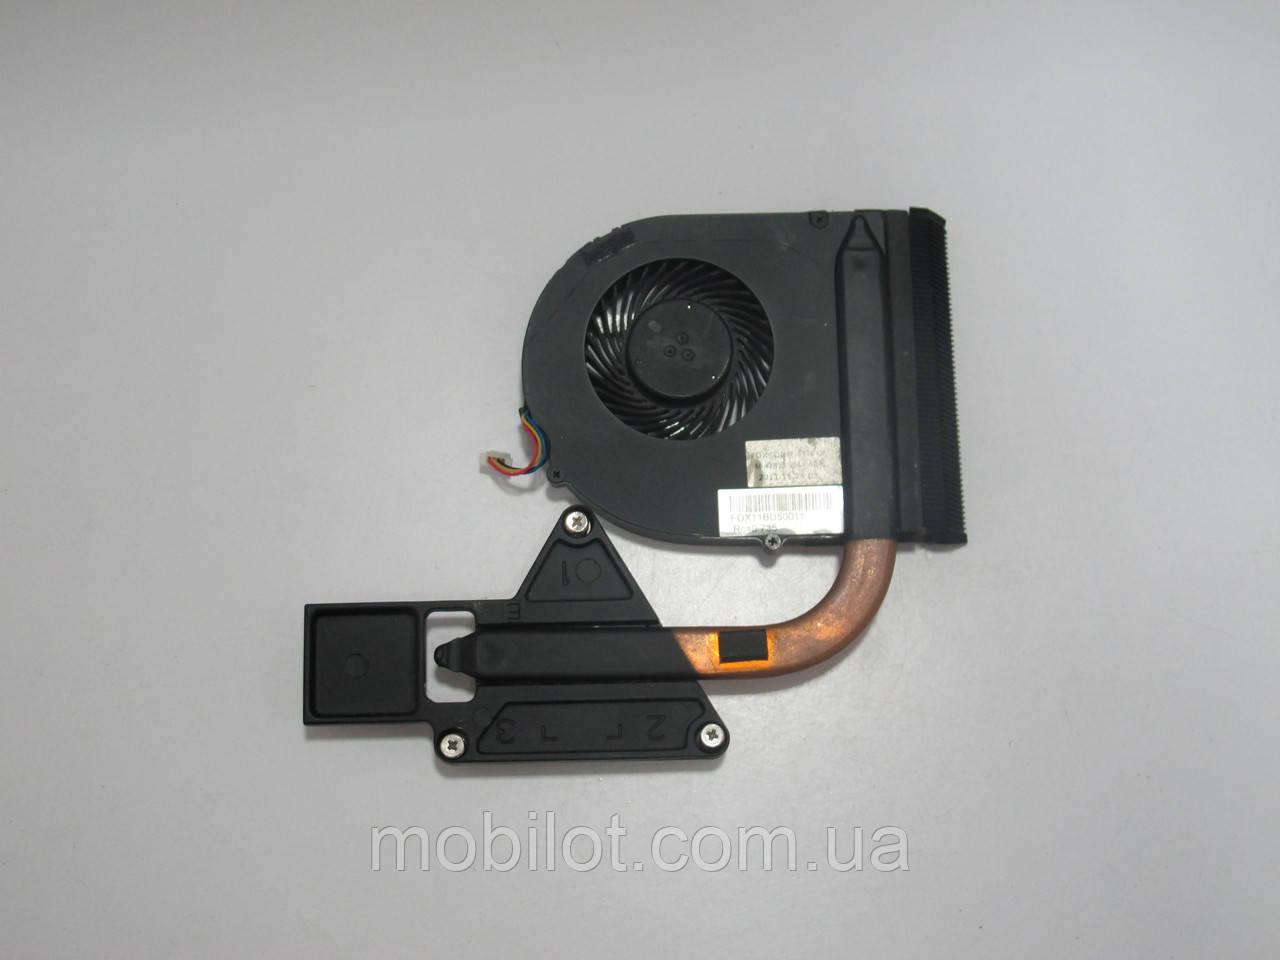 Система охлаждения Lenovo V570 (NZ-4390)